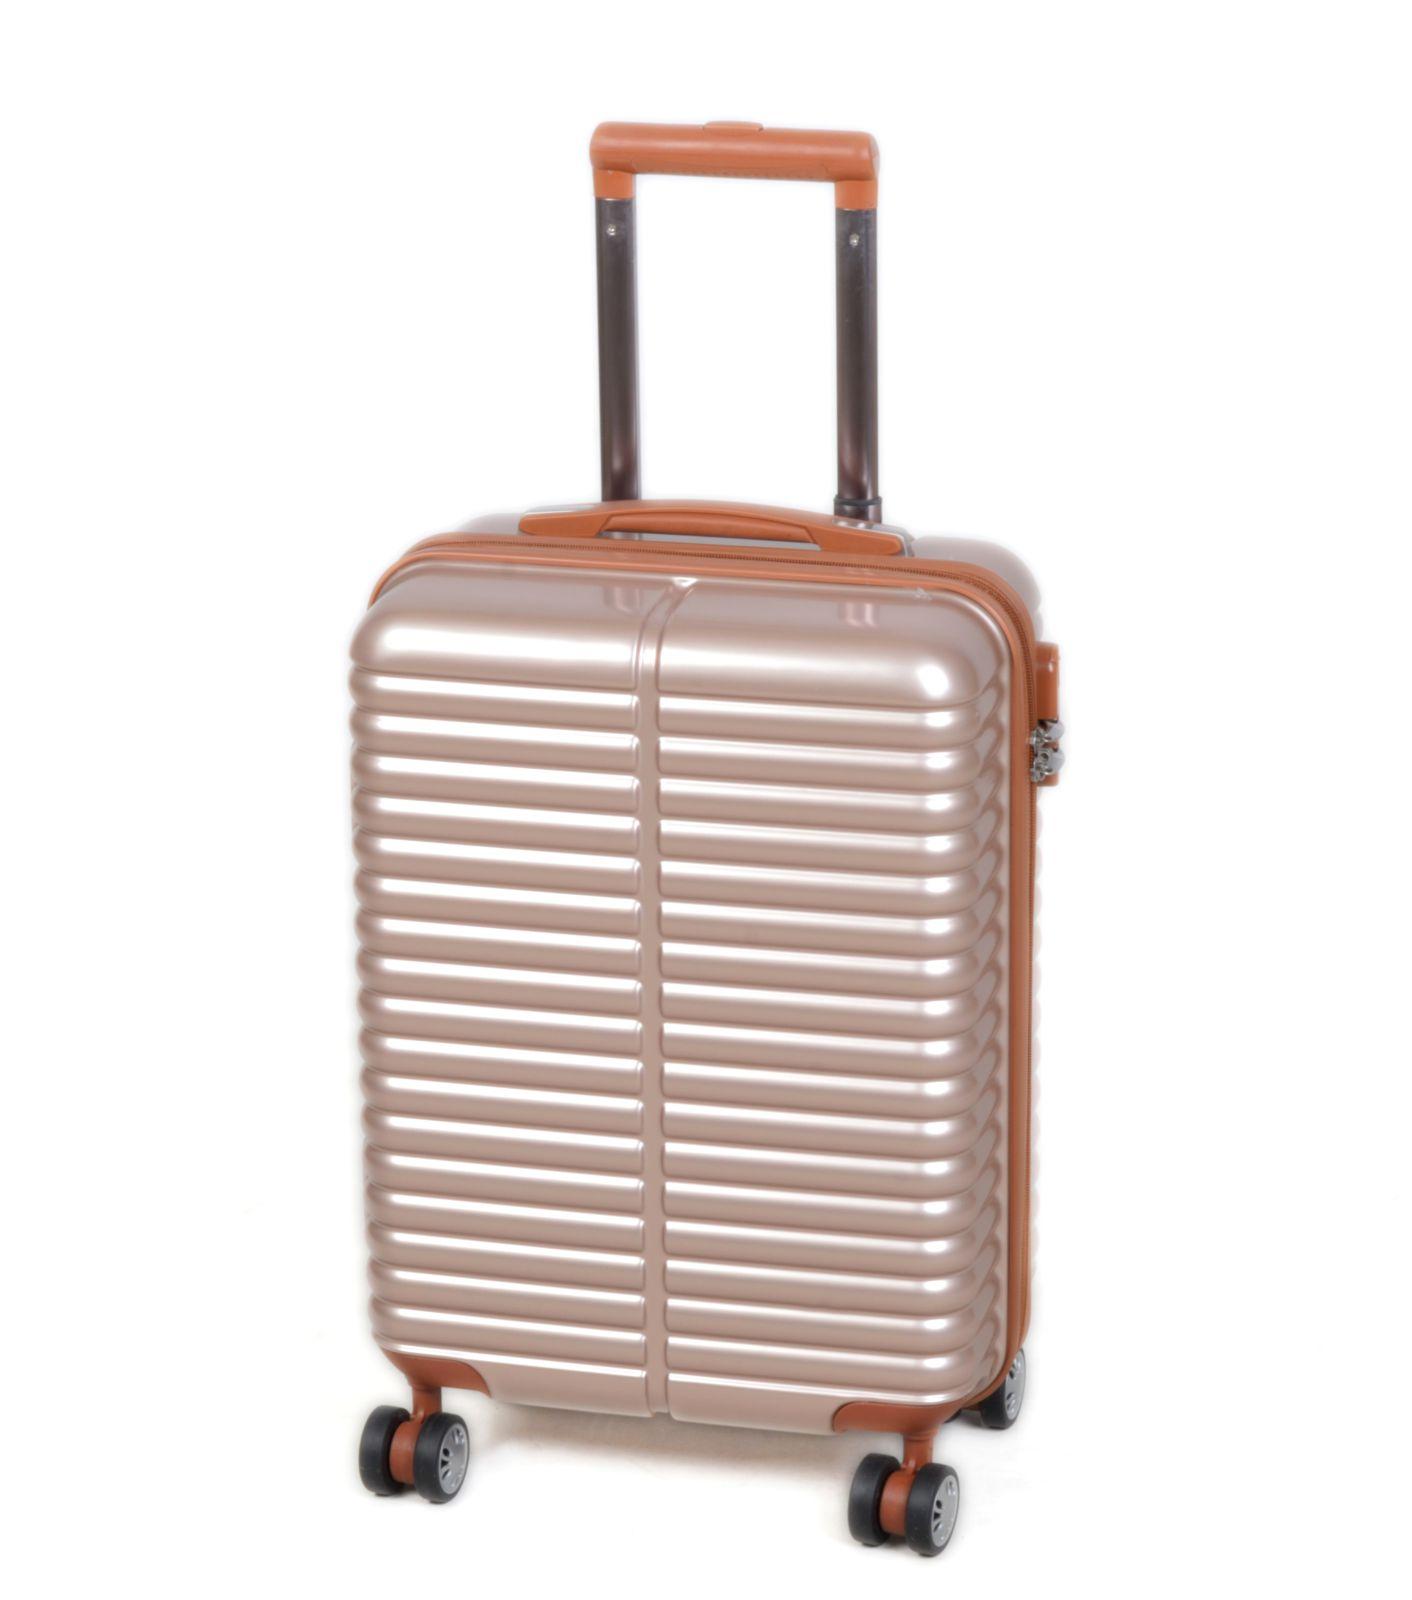 Cestovní kufr LYON malý S Monopol E-batoh